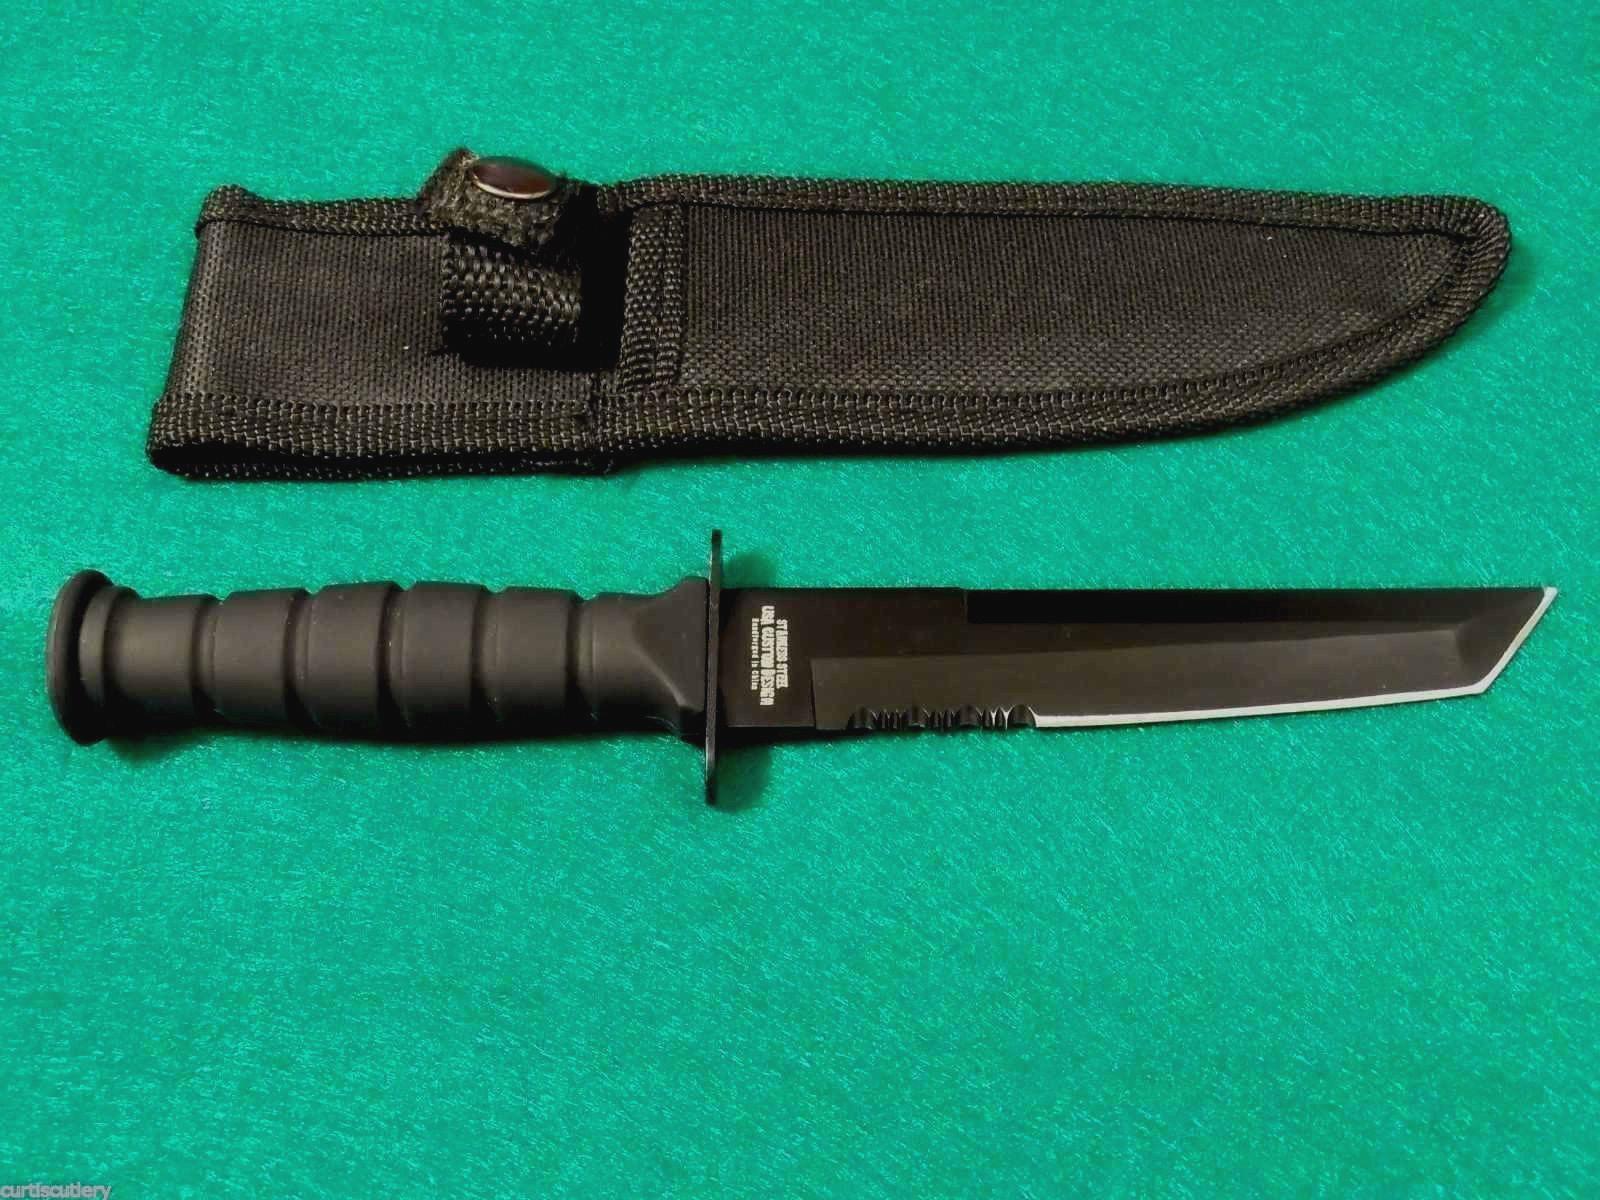 Survivor Messer Outdoormesser Fixed Blade Tanto schwarz Campingmesser HK-1023TN